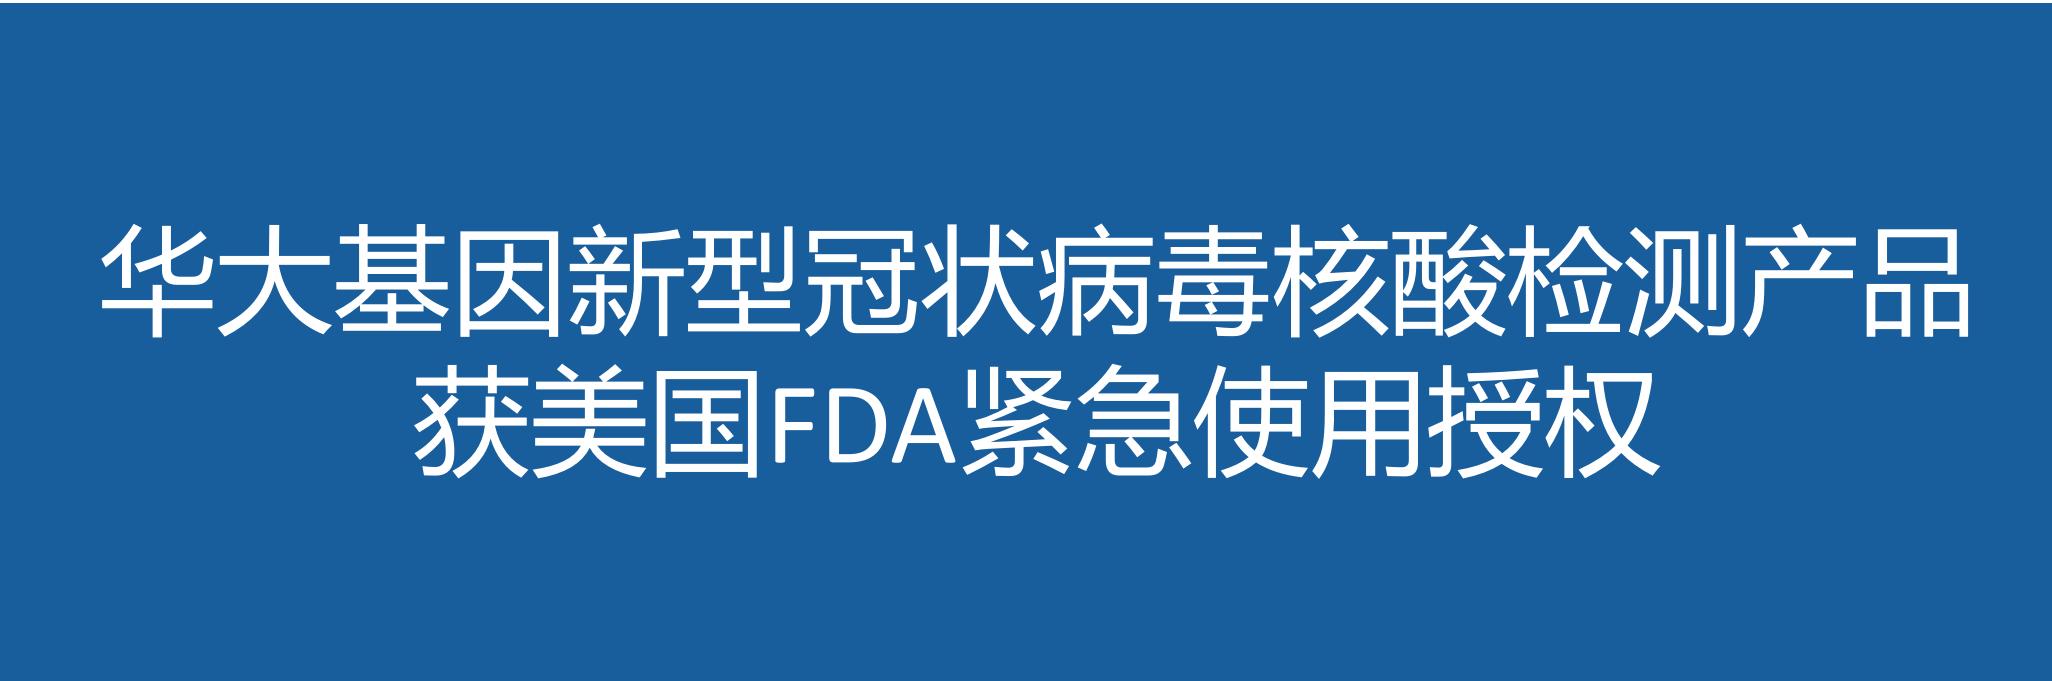 国内率先|华大基因新型冠状病毒核酸检测产品获美国FDA紧急使用授权